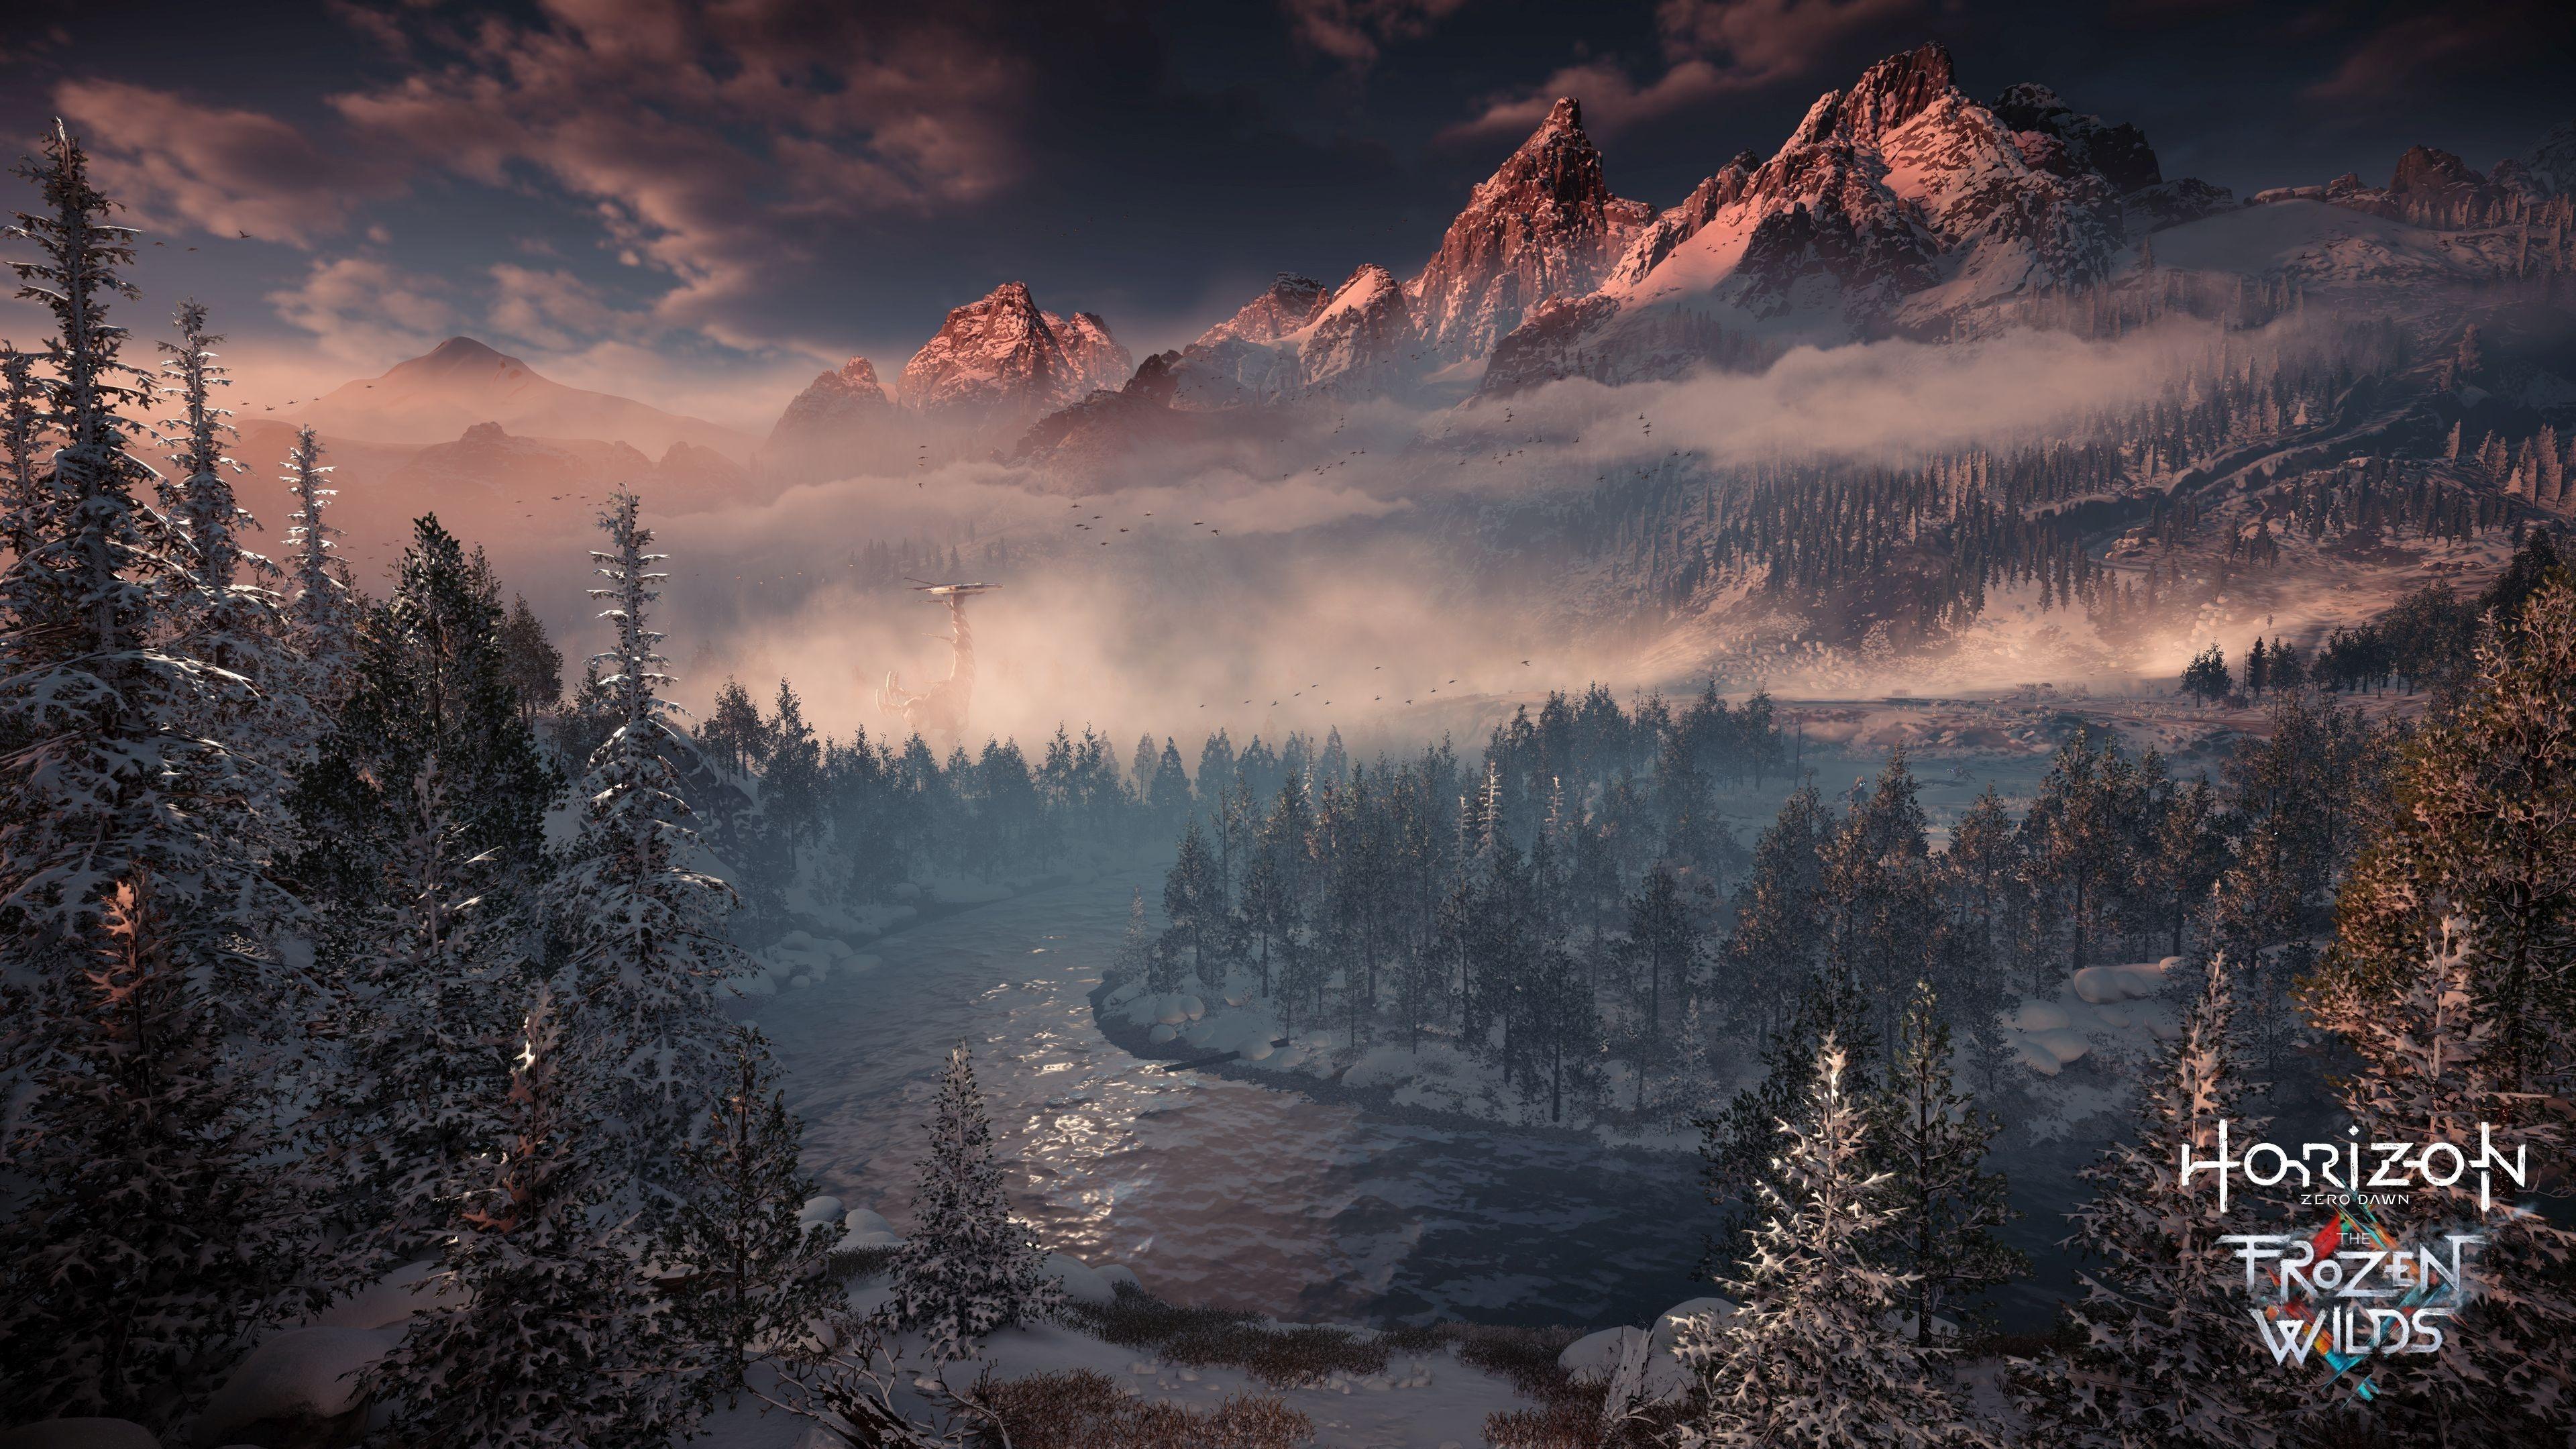 3840x2160 Horizon Zero Dawn 4k Awesome Wallpaper Horizon Zero Dawn Wallpaper Horizon Zero Dawn Background